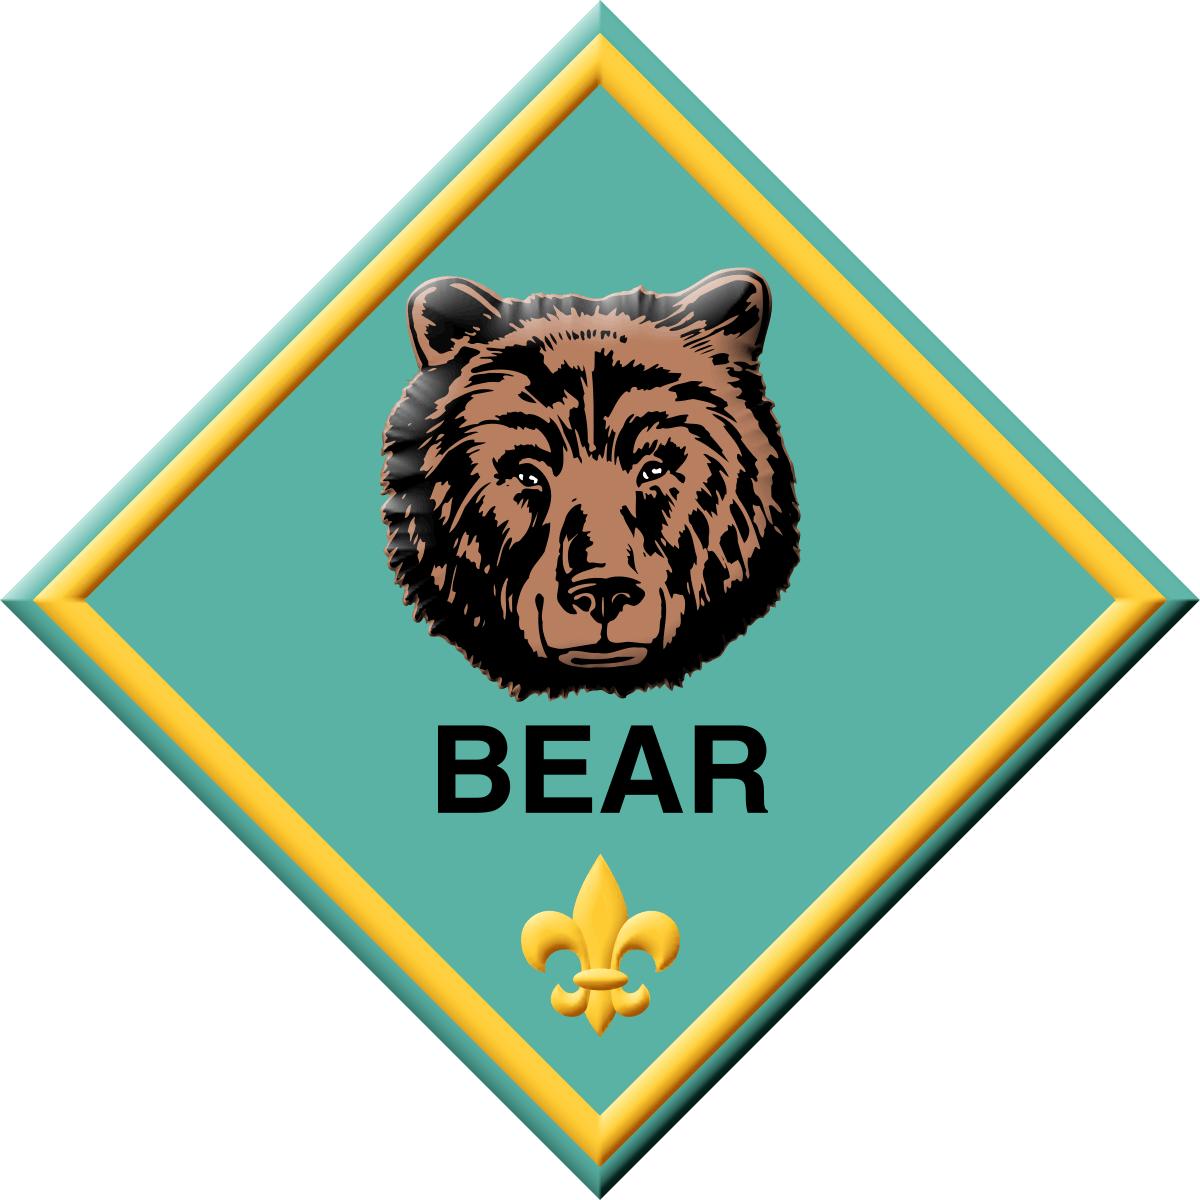 Cub Scout Logo Images